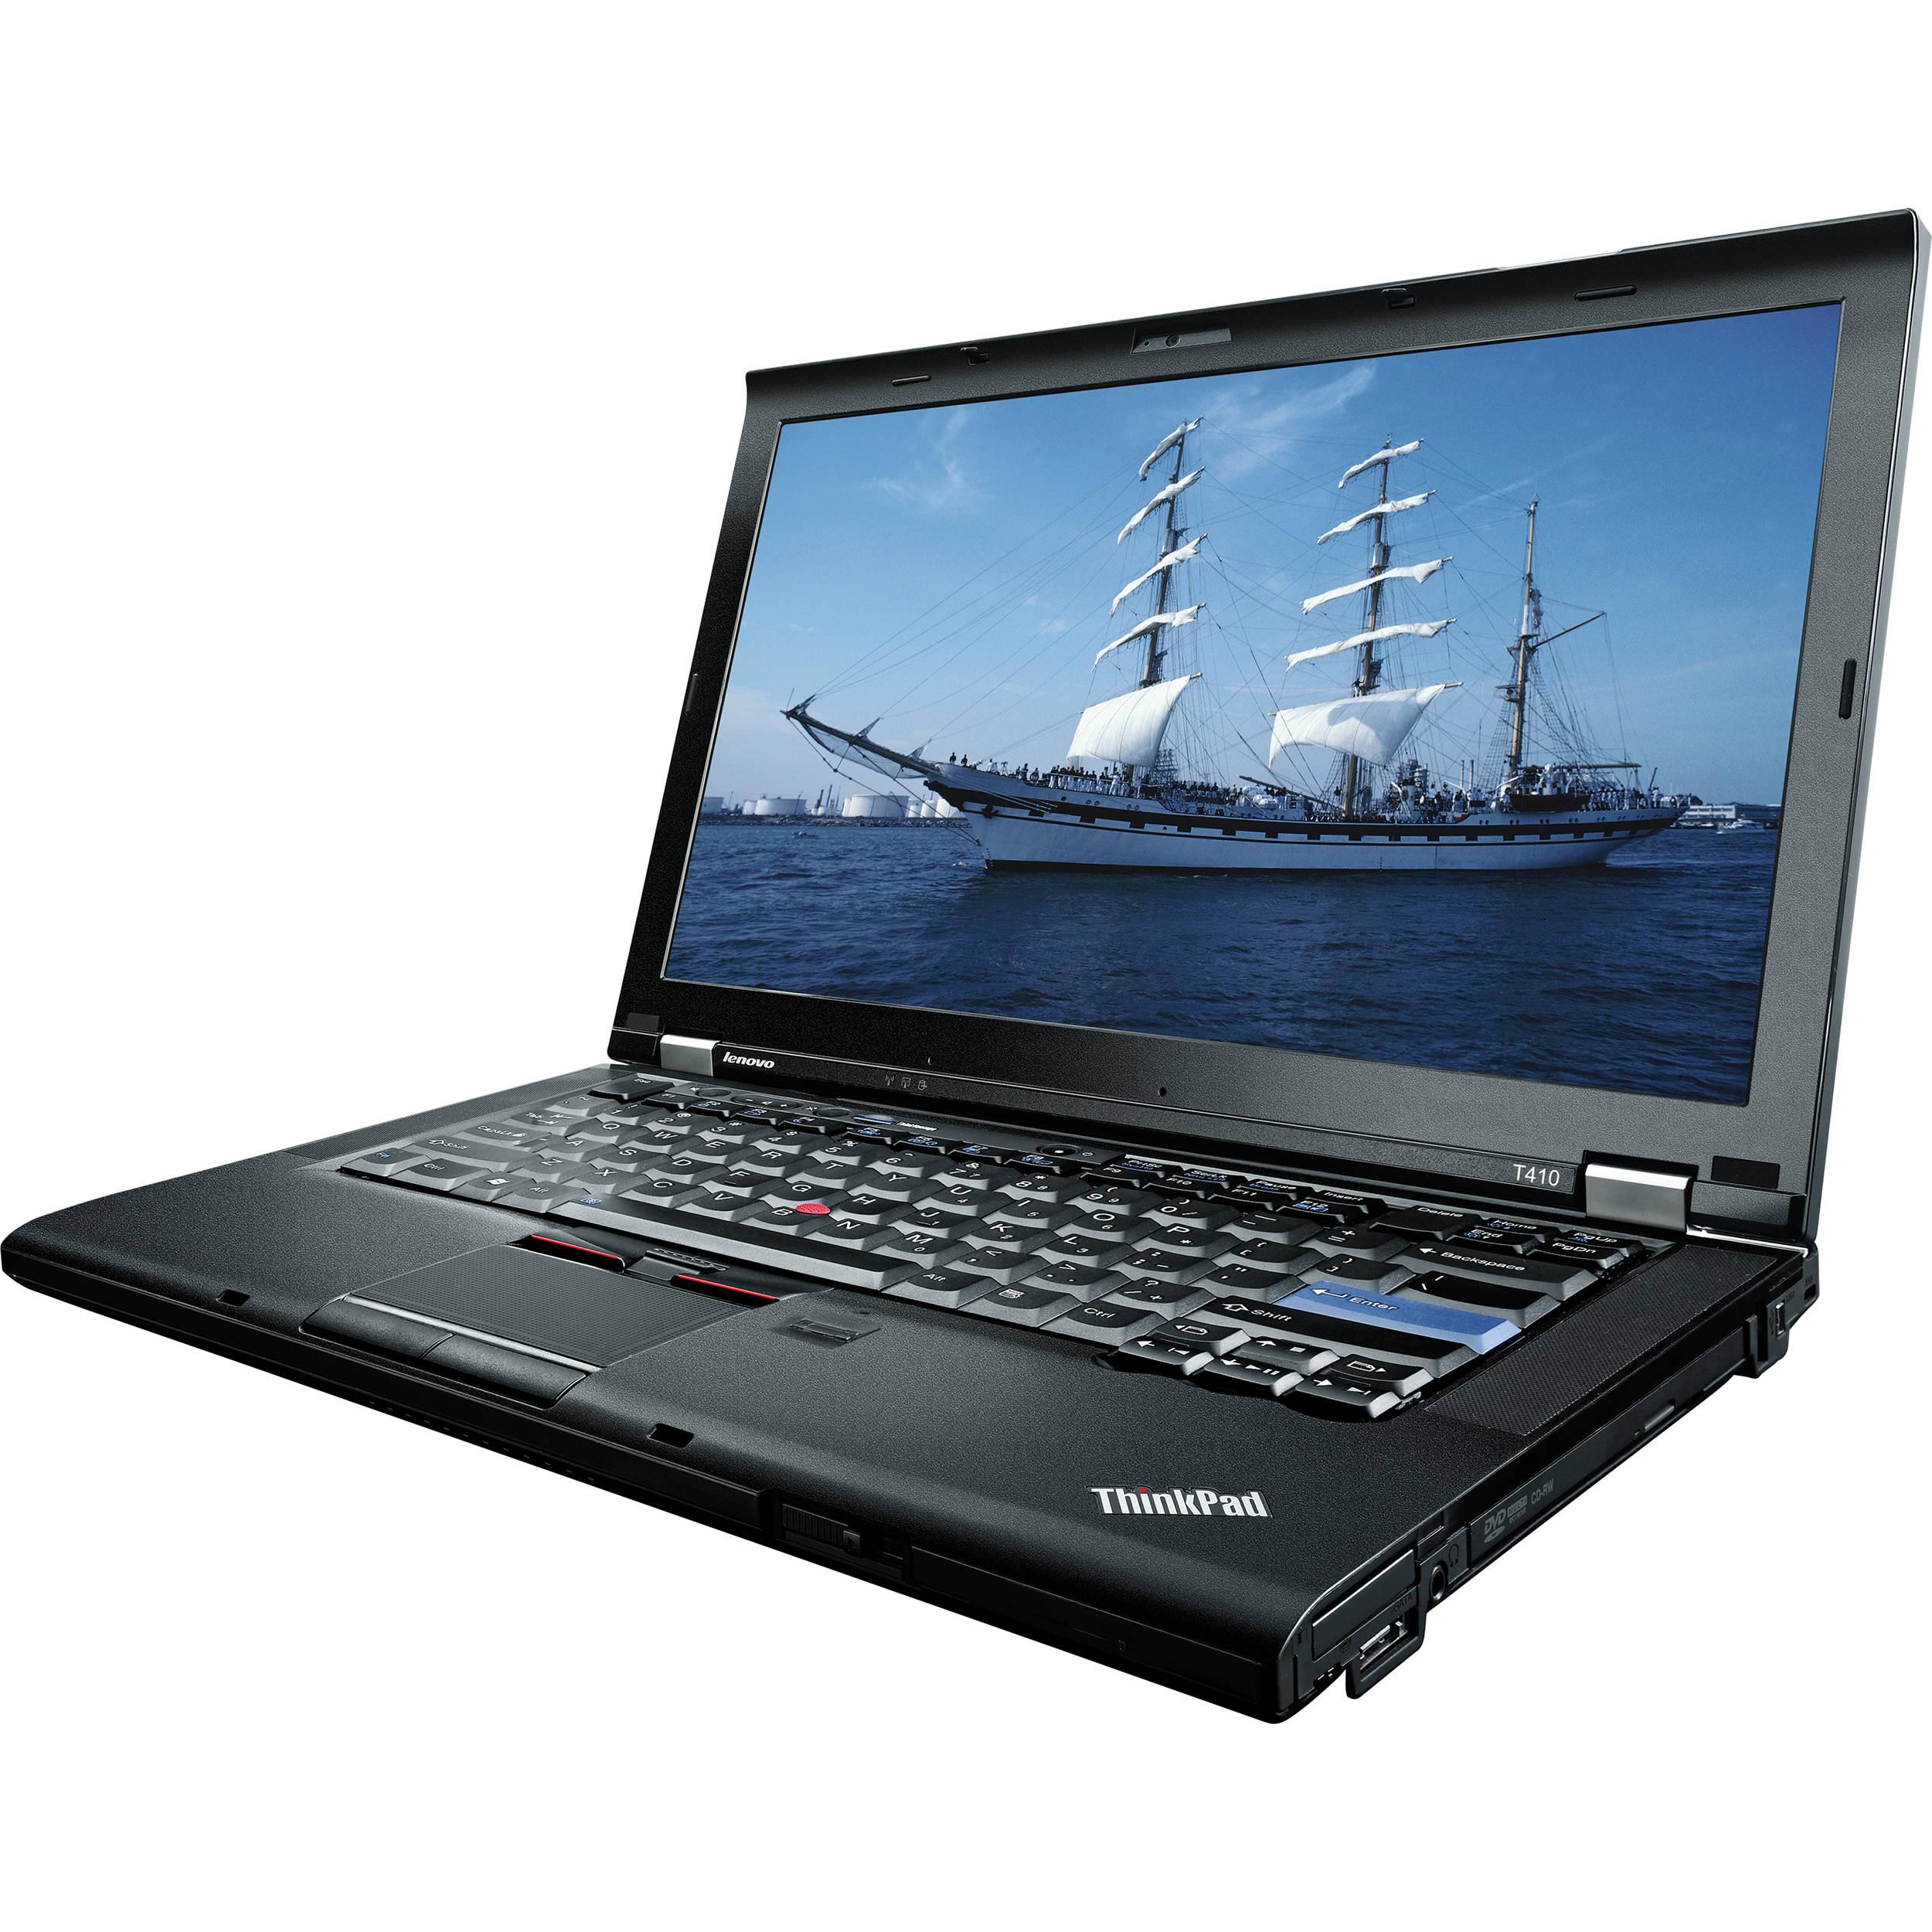 Lenovo ThinkPad T410 14 1